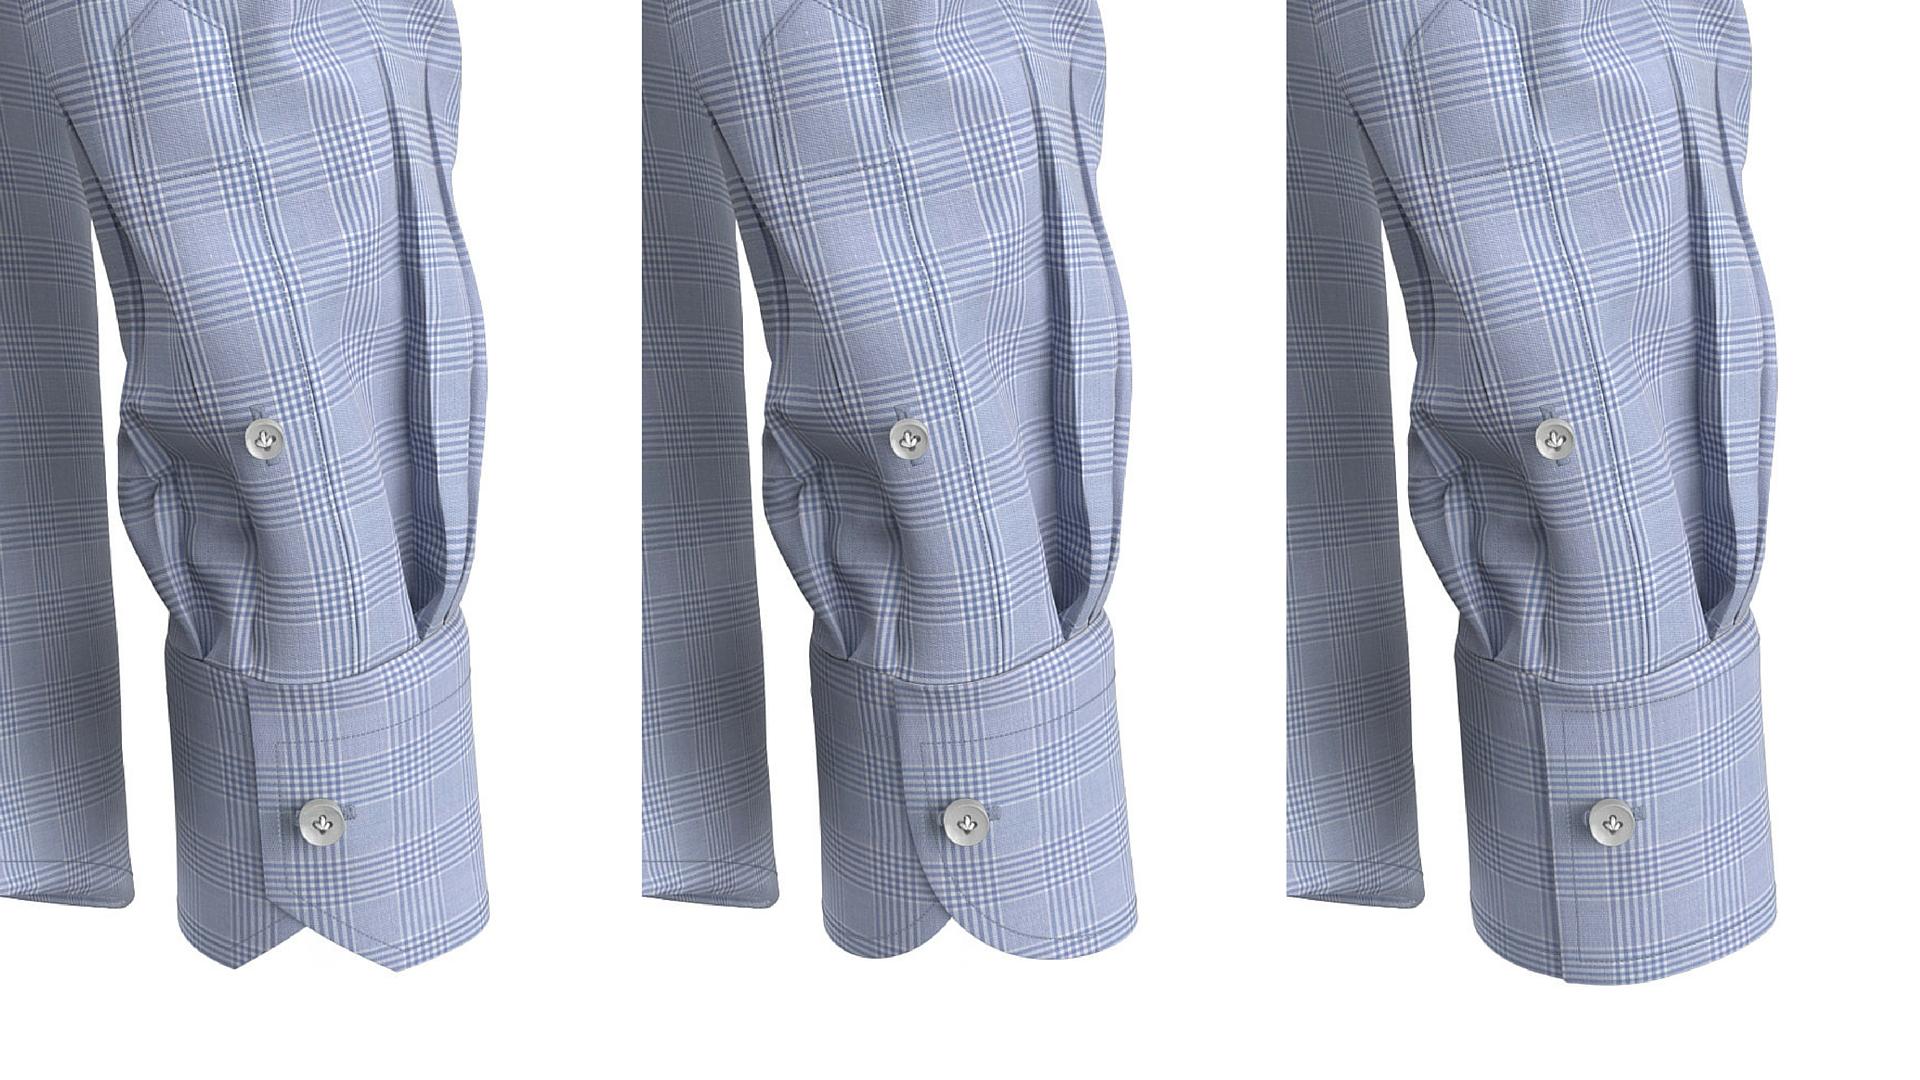 Cuffs Shirt